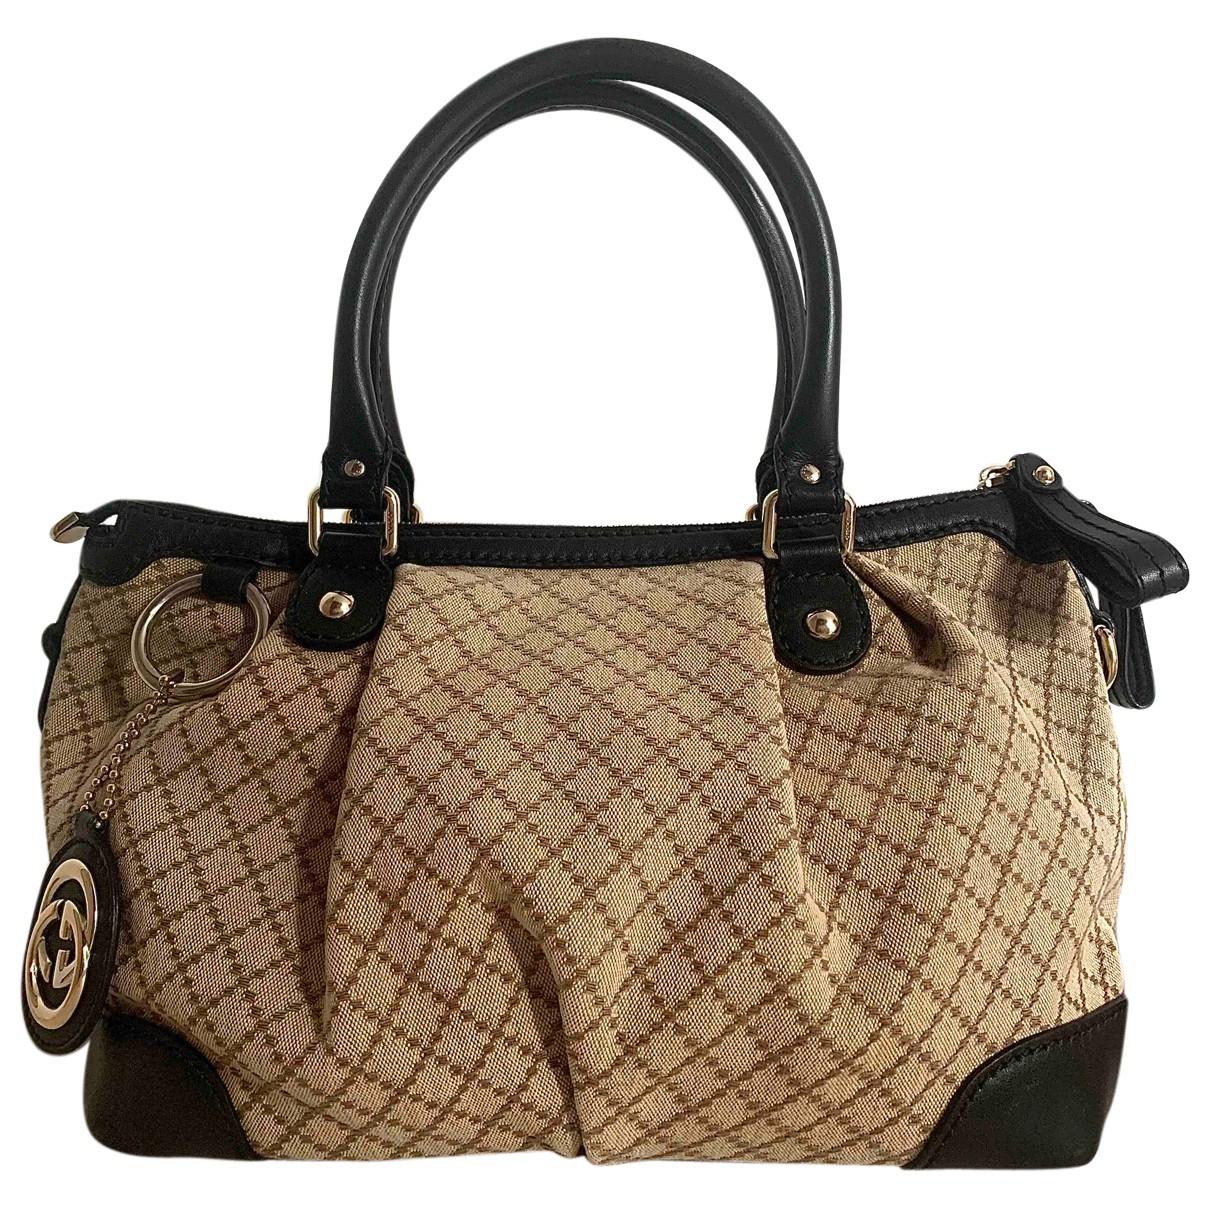 Gucci Sukey Handtasche in  Beige Baumwolle